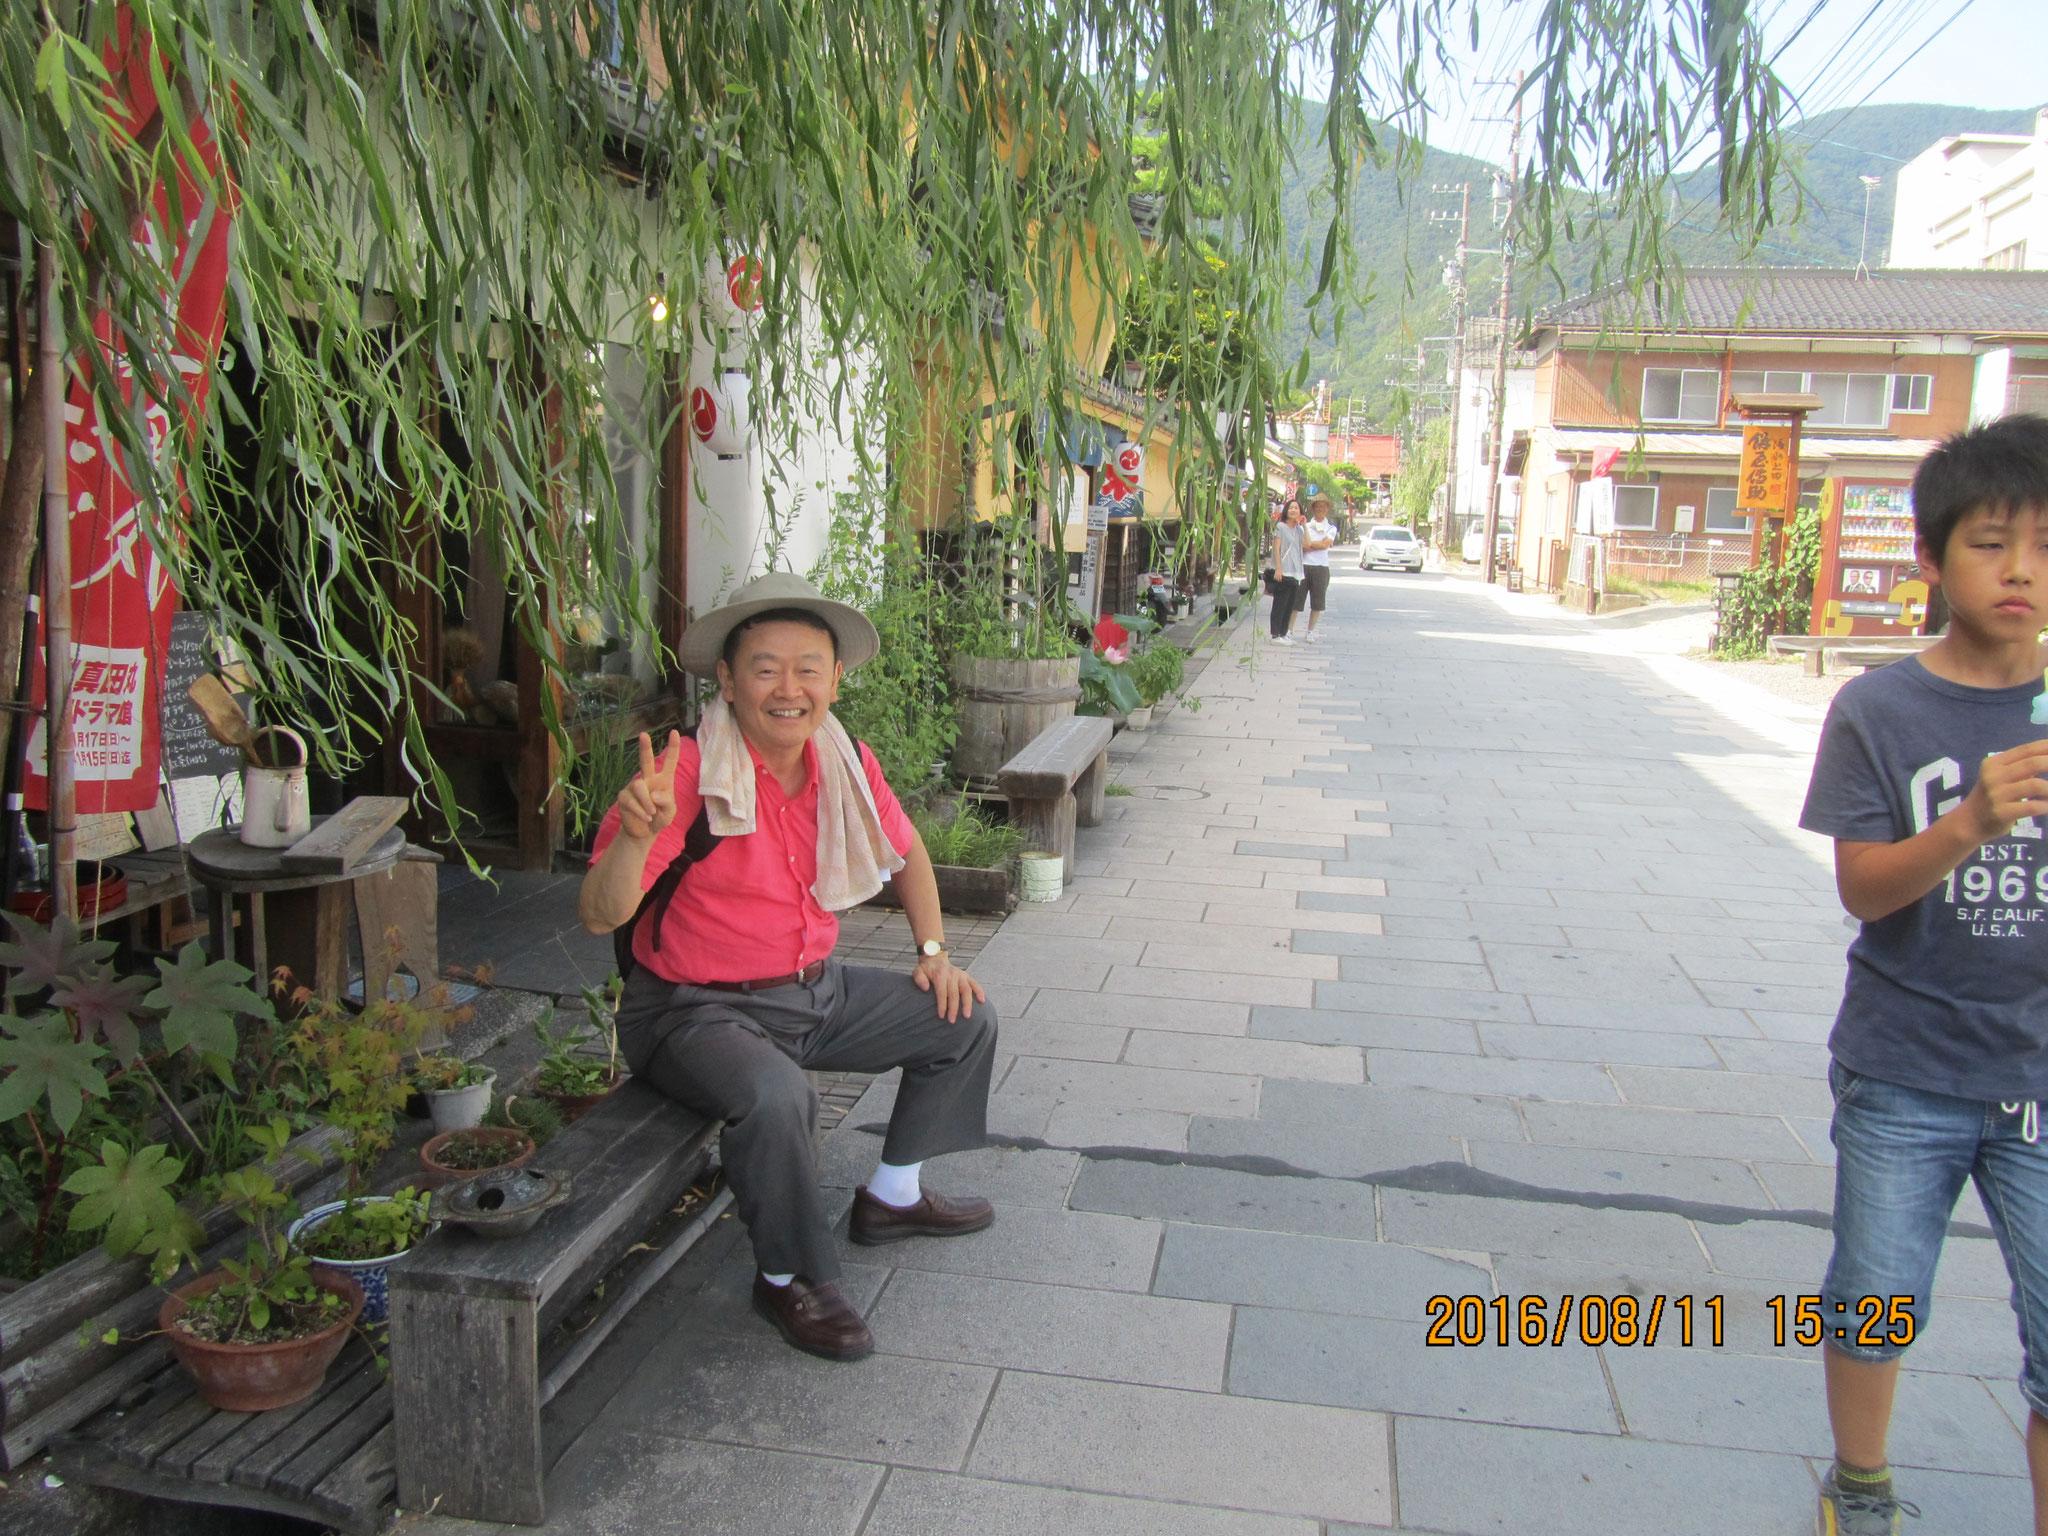 柳町(やなぎまち)。真田昌幸による上田城築城の際に整備された城下町です。江戸時代になると北国(ほっこく)街道の宿場町として栄えました。